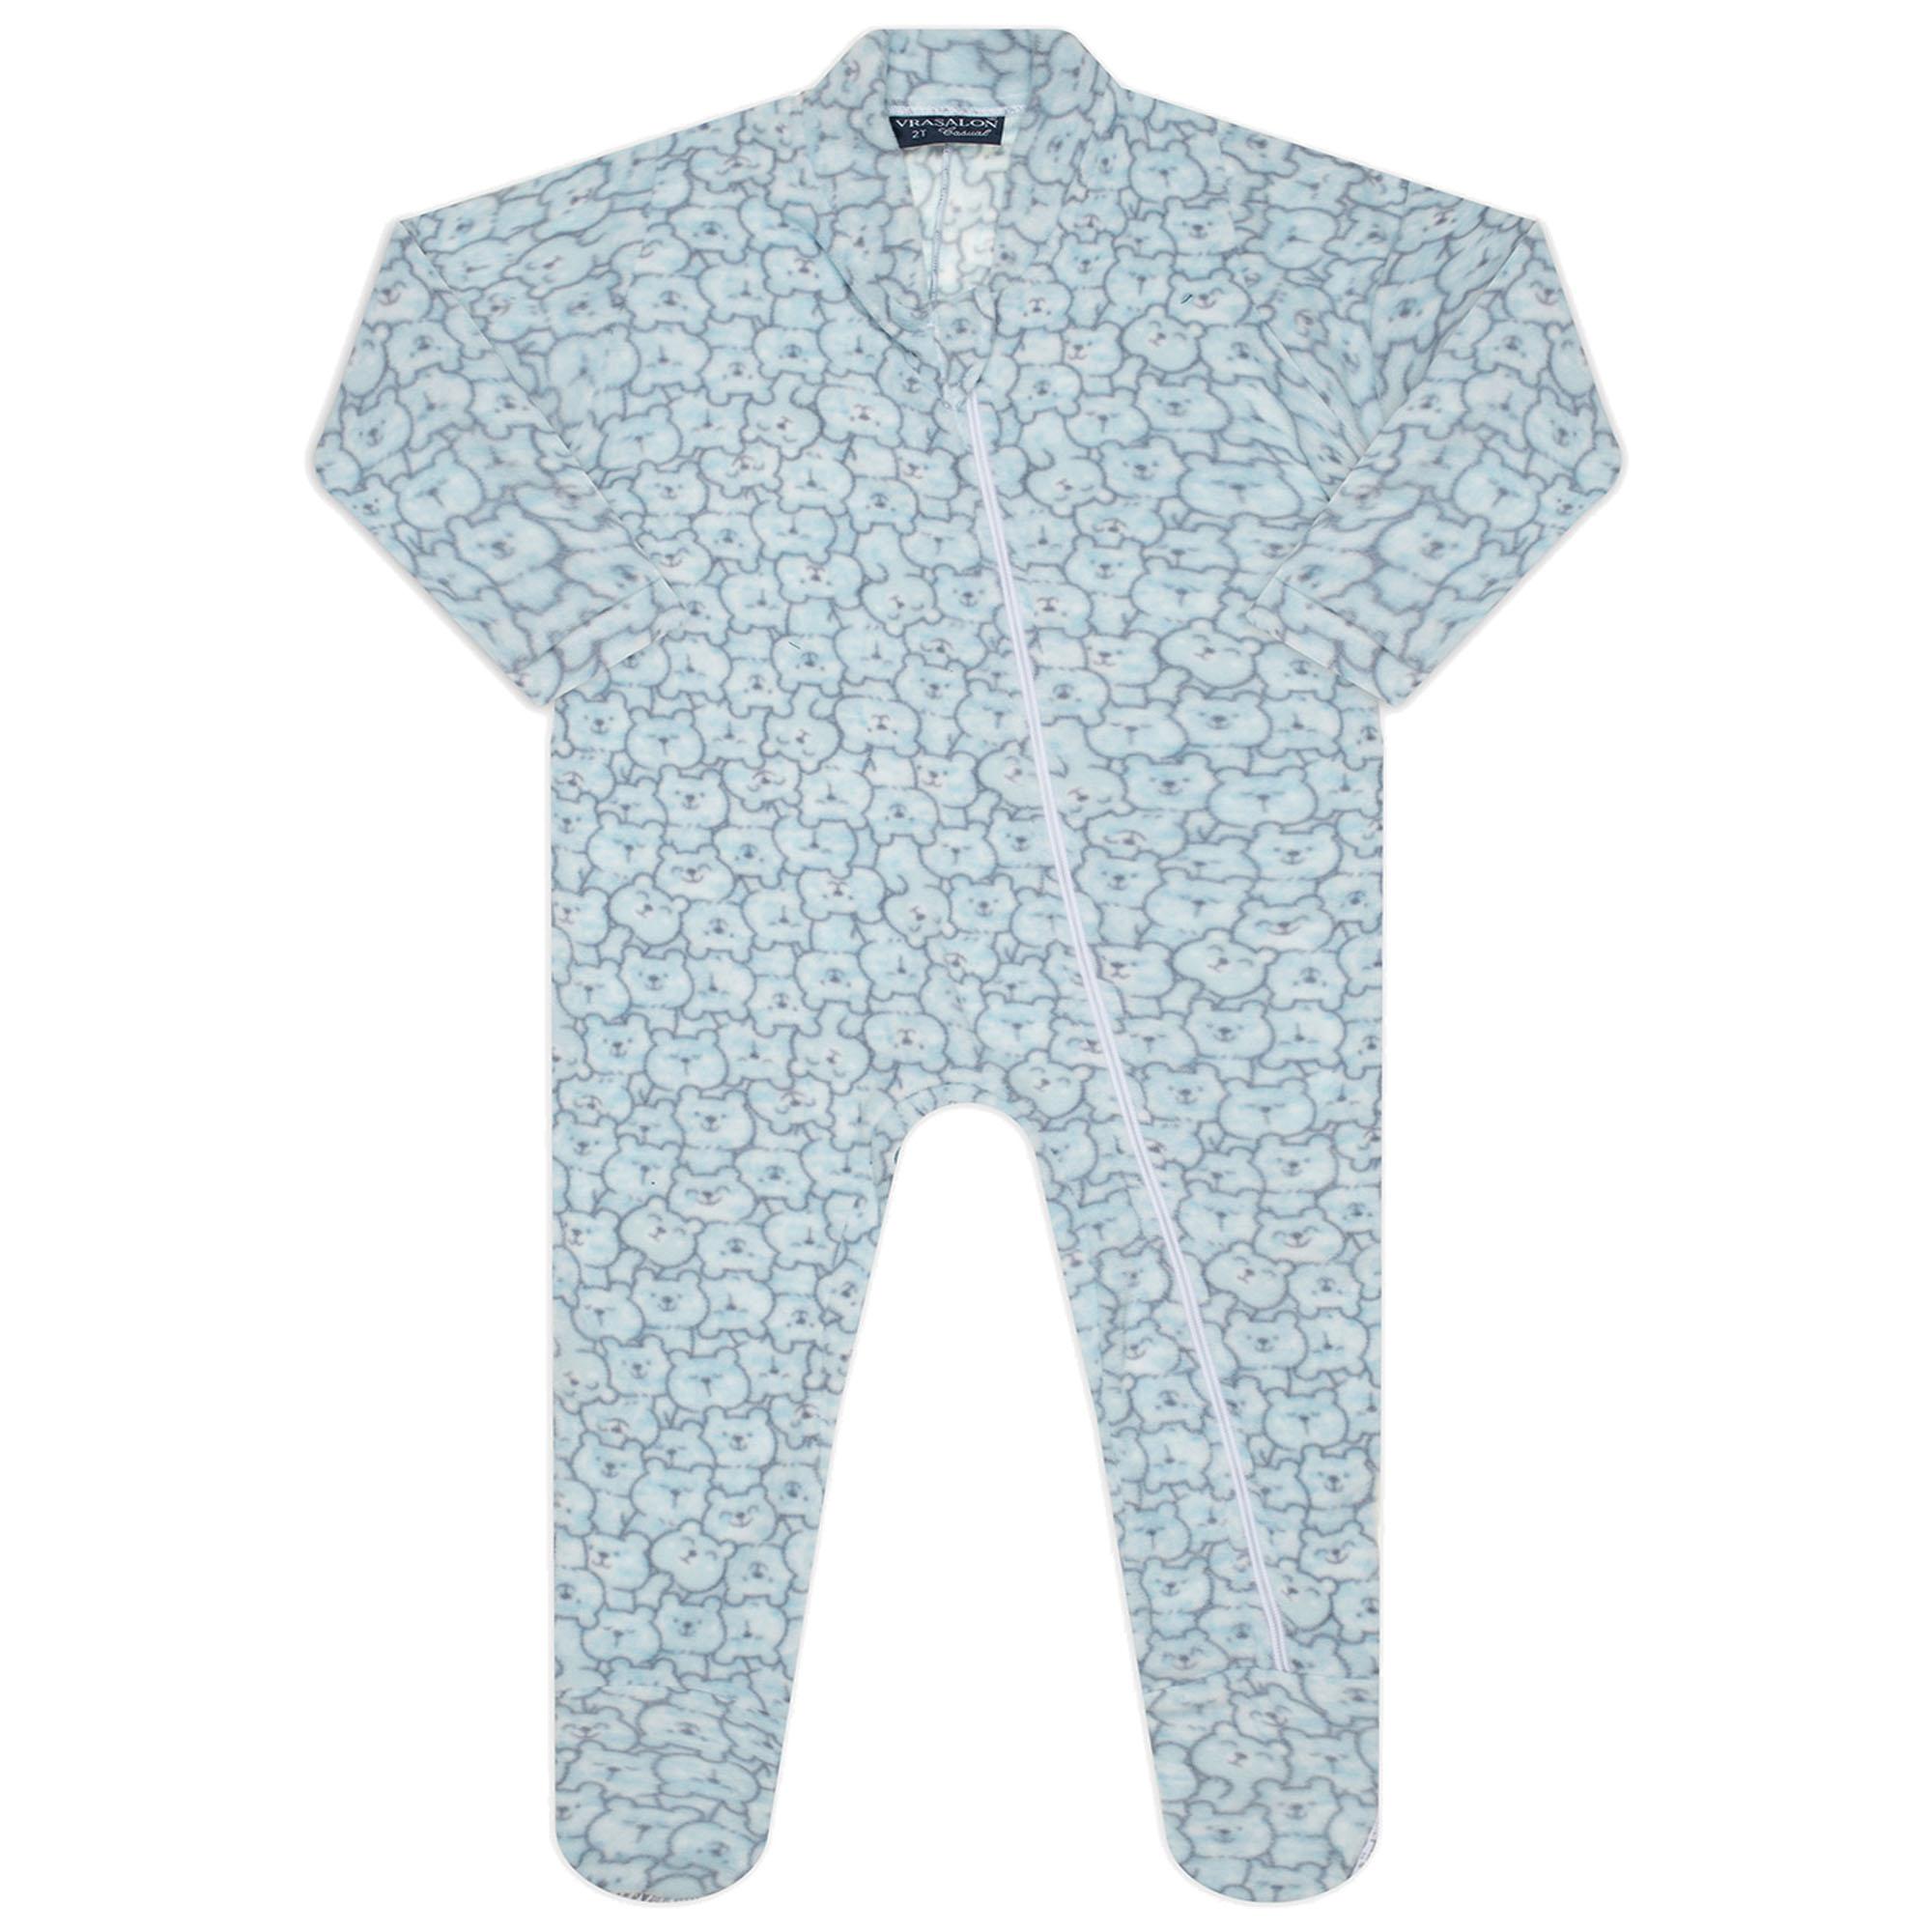 Macacão Pijama Inverno Vrasalon Soft Ursinhos - P ao G